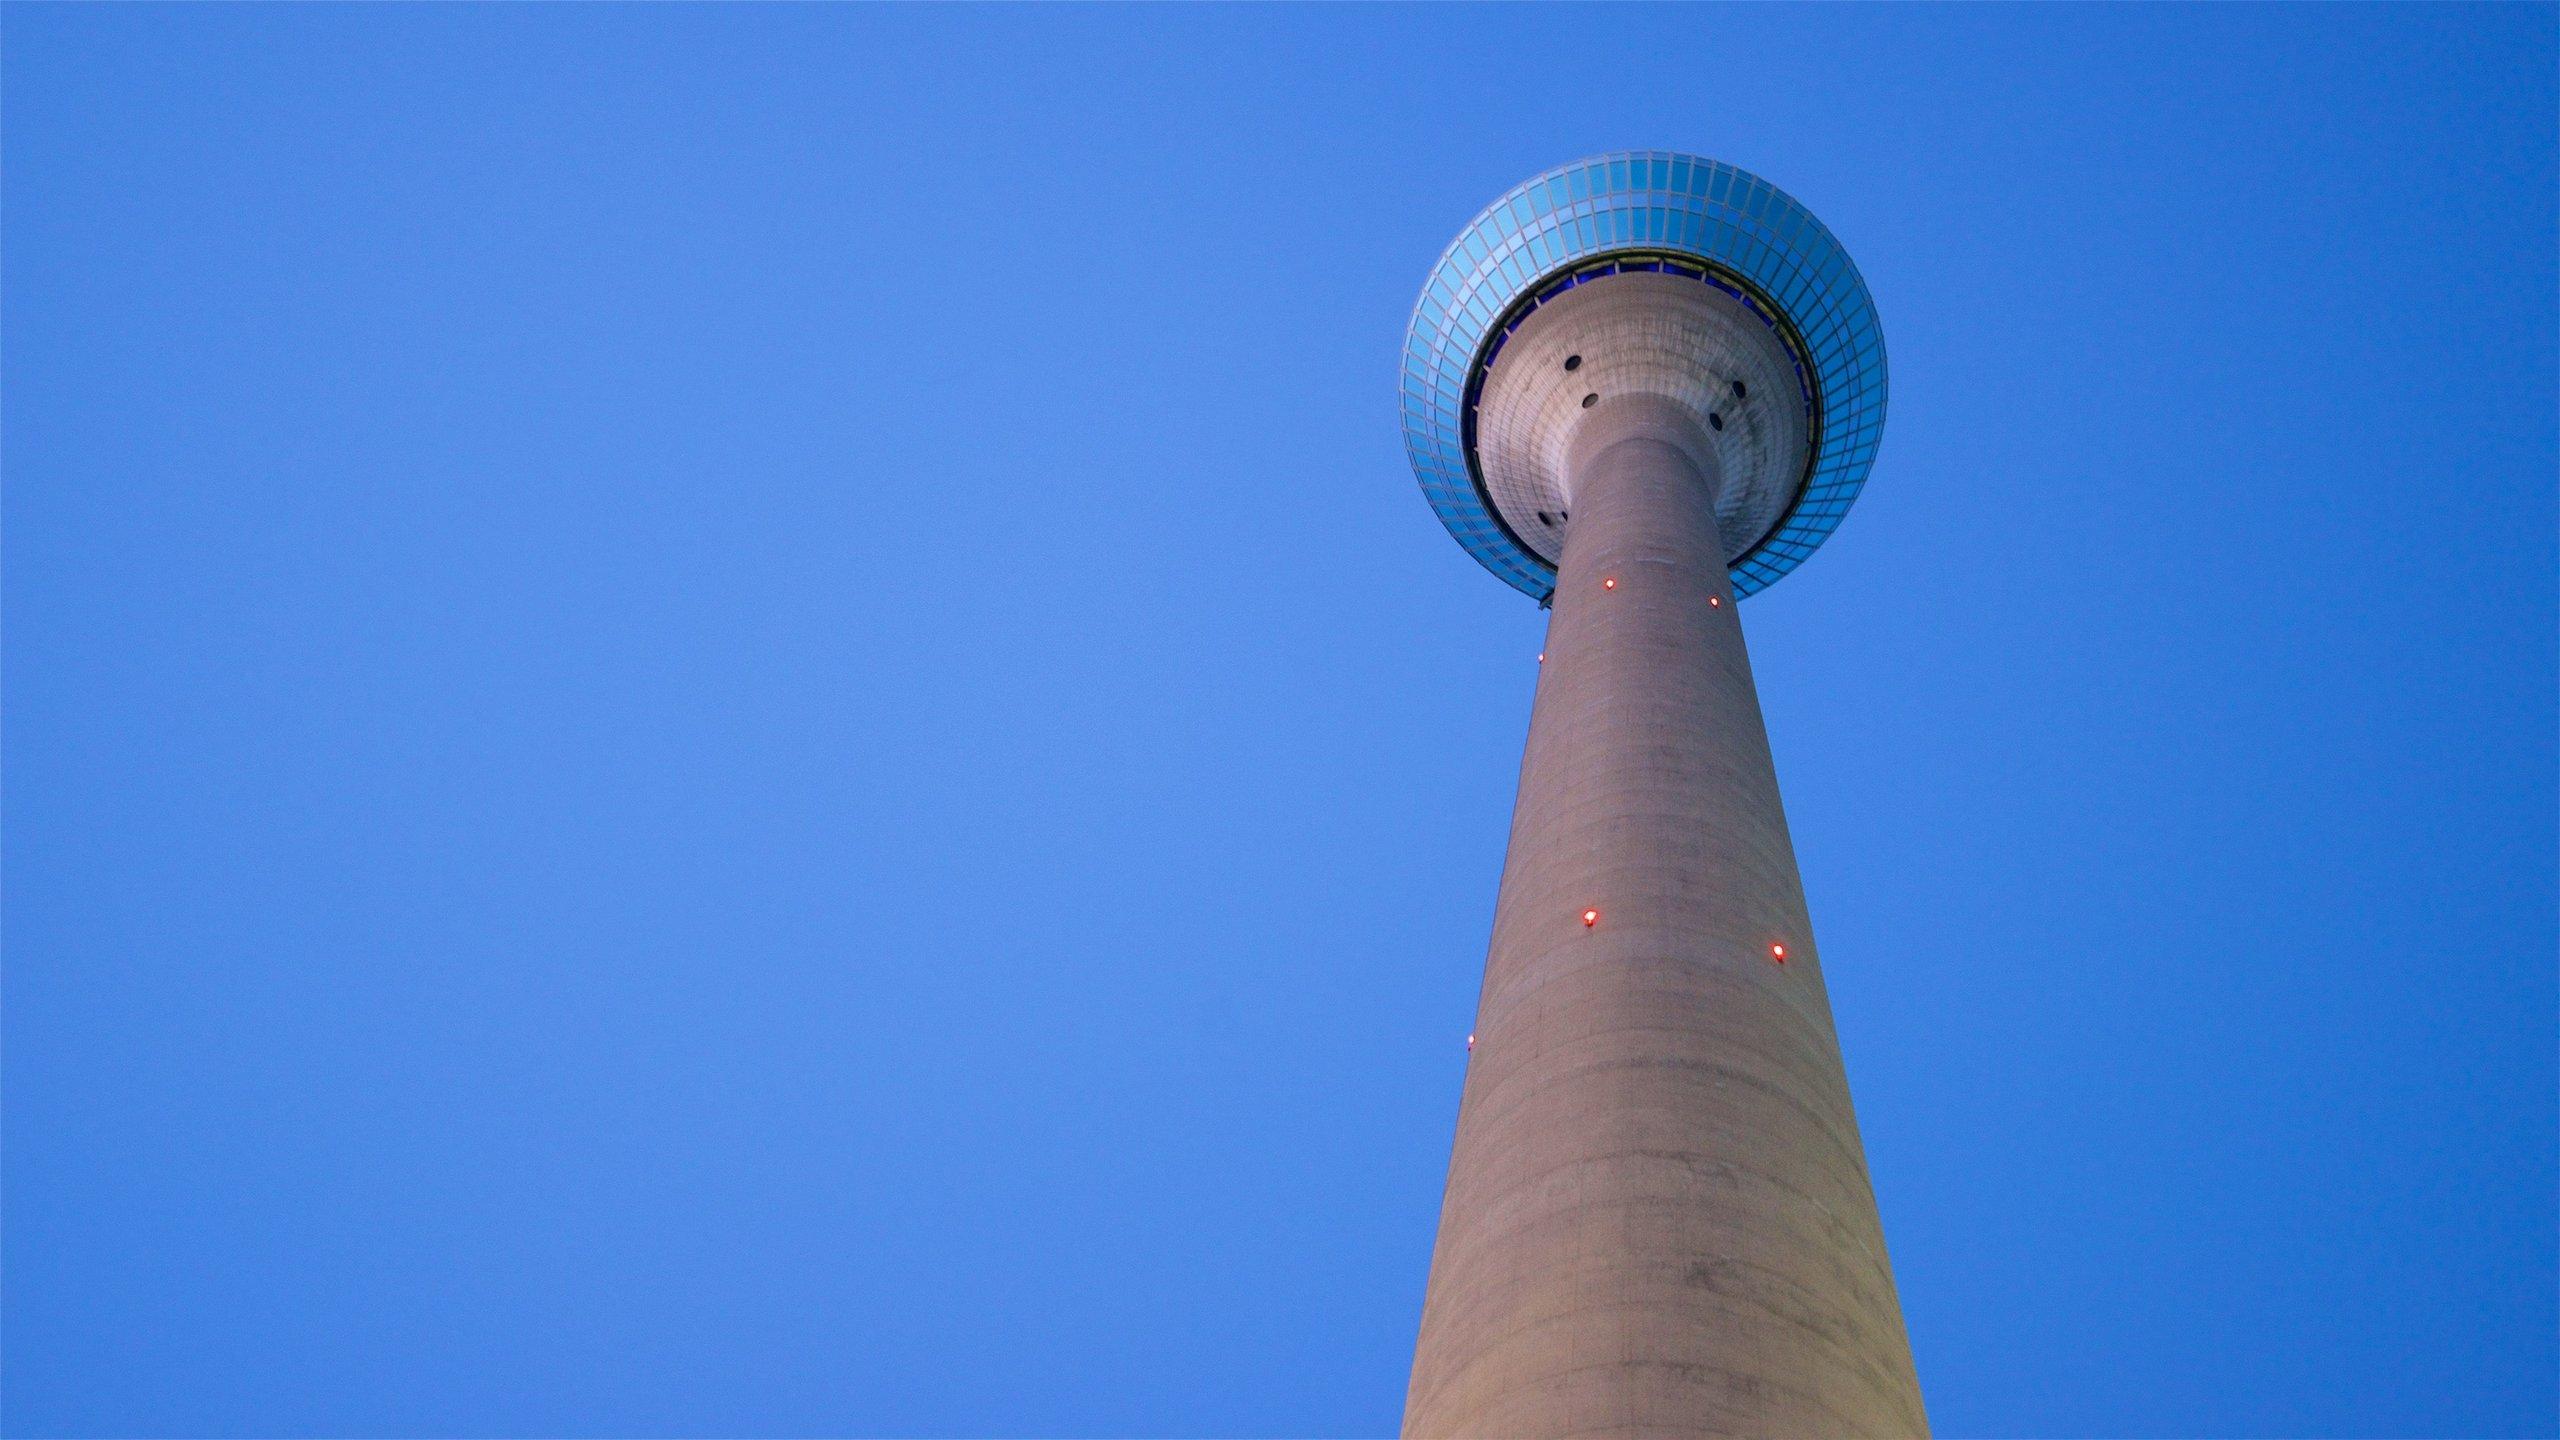 Rheinturm, Düsseldorf, Nordrhein-Westfalen, Deutschland